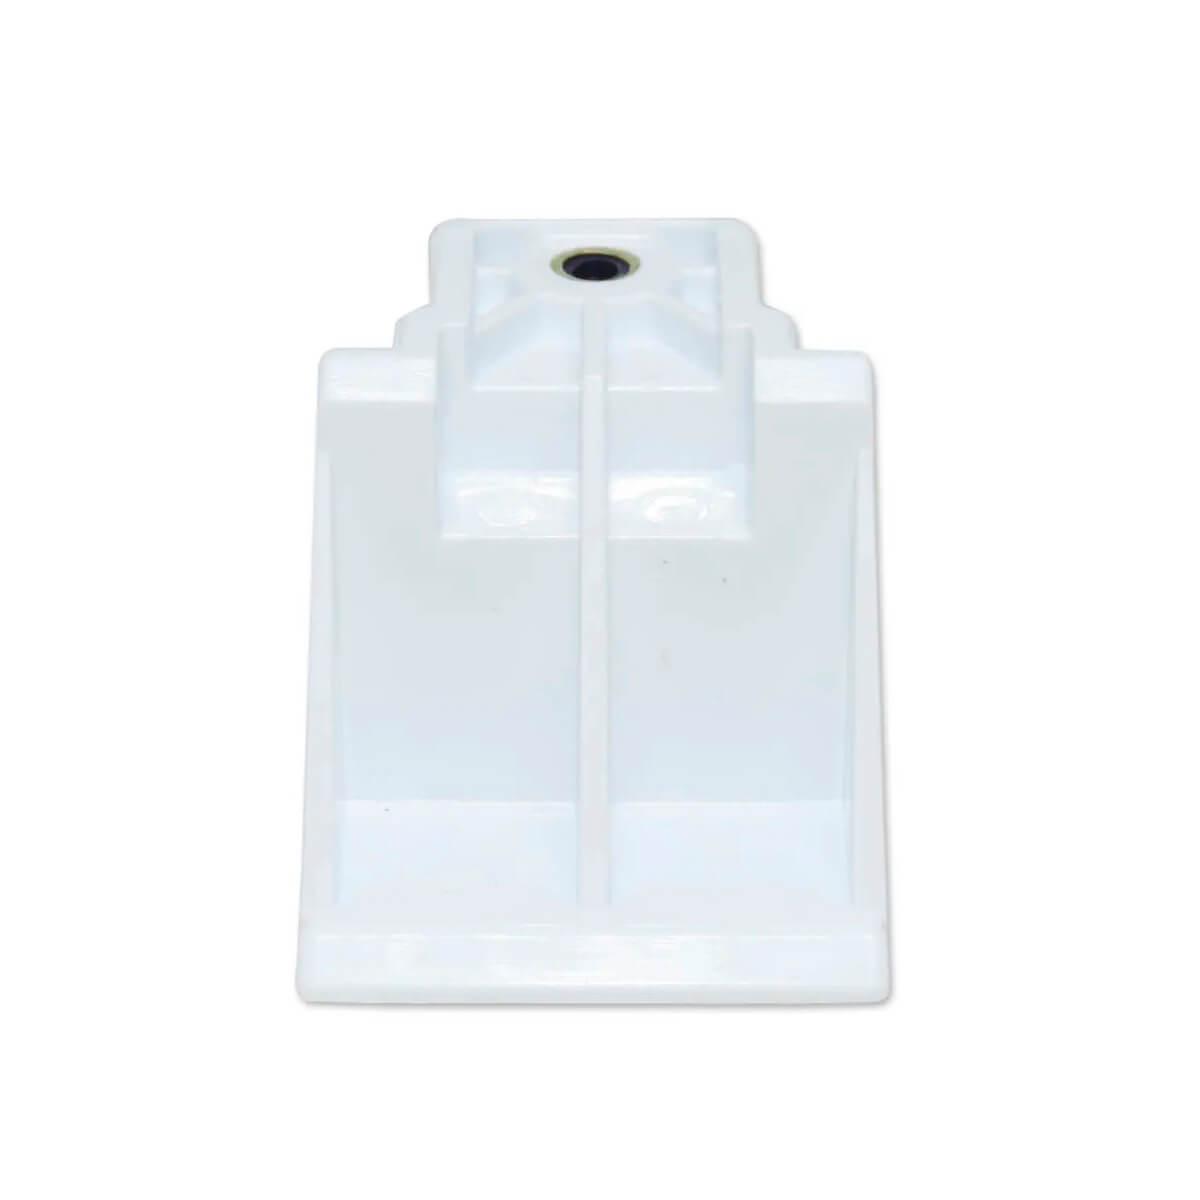 Suporte Puxador Superior Branco Refrigerador Electrolux - 67401599